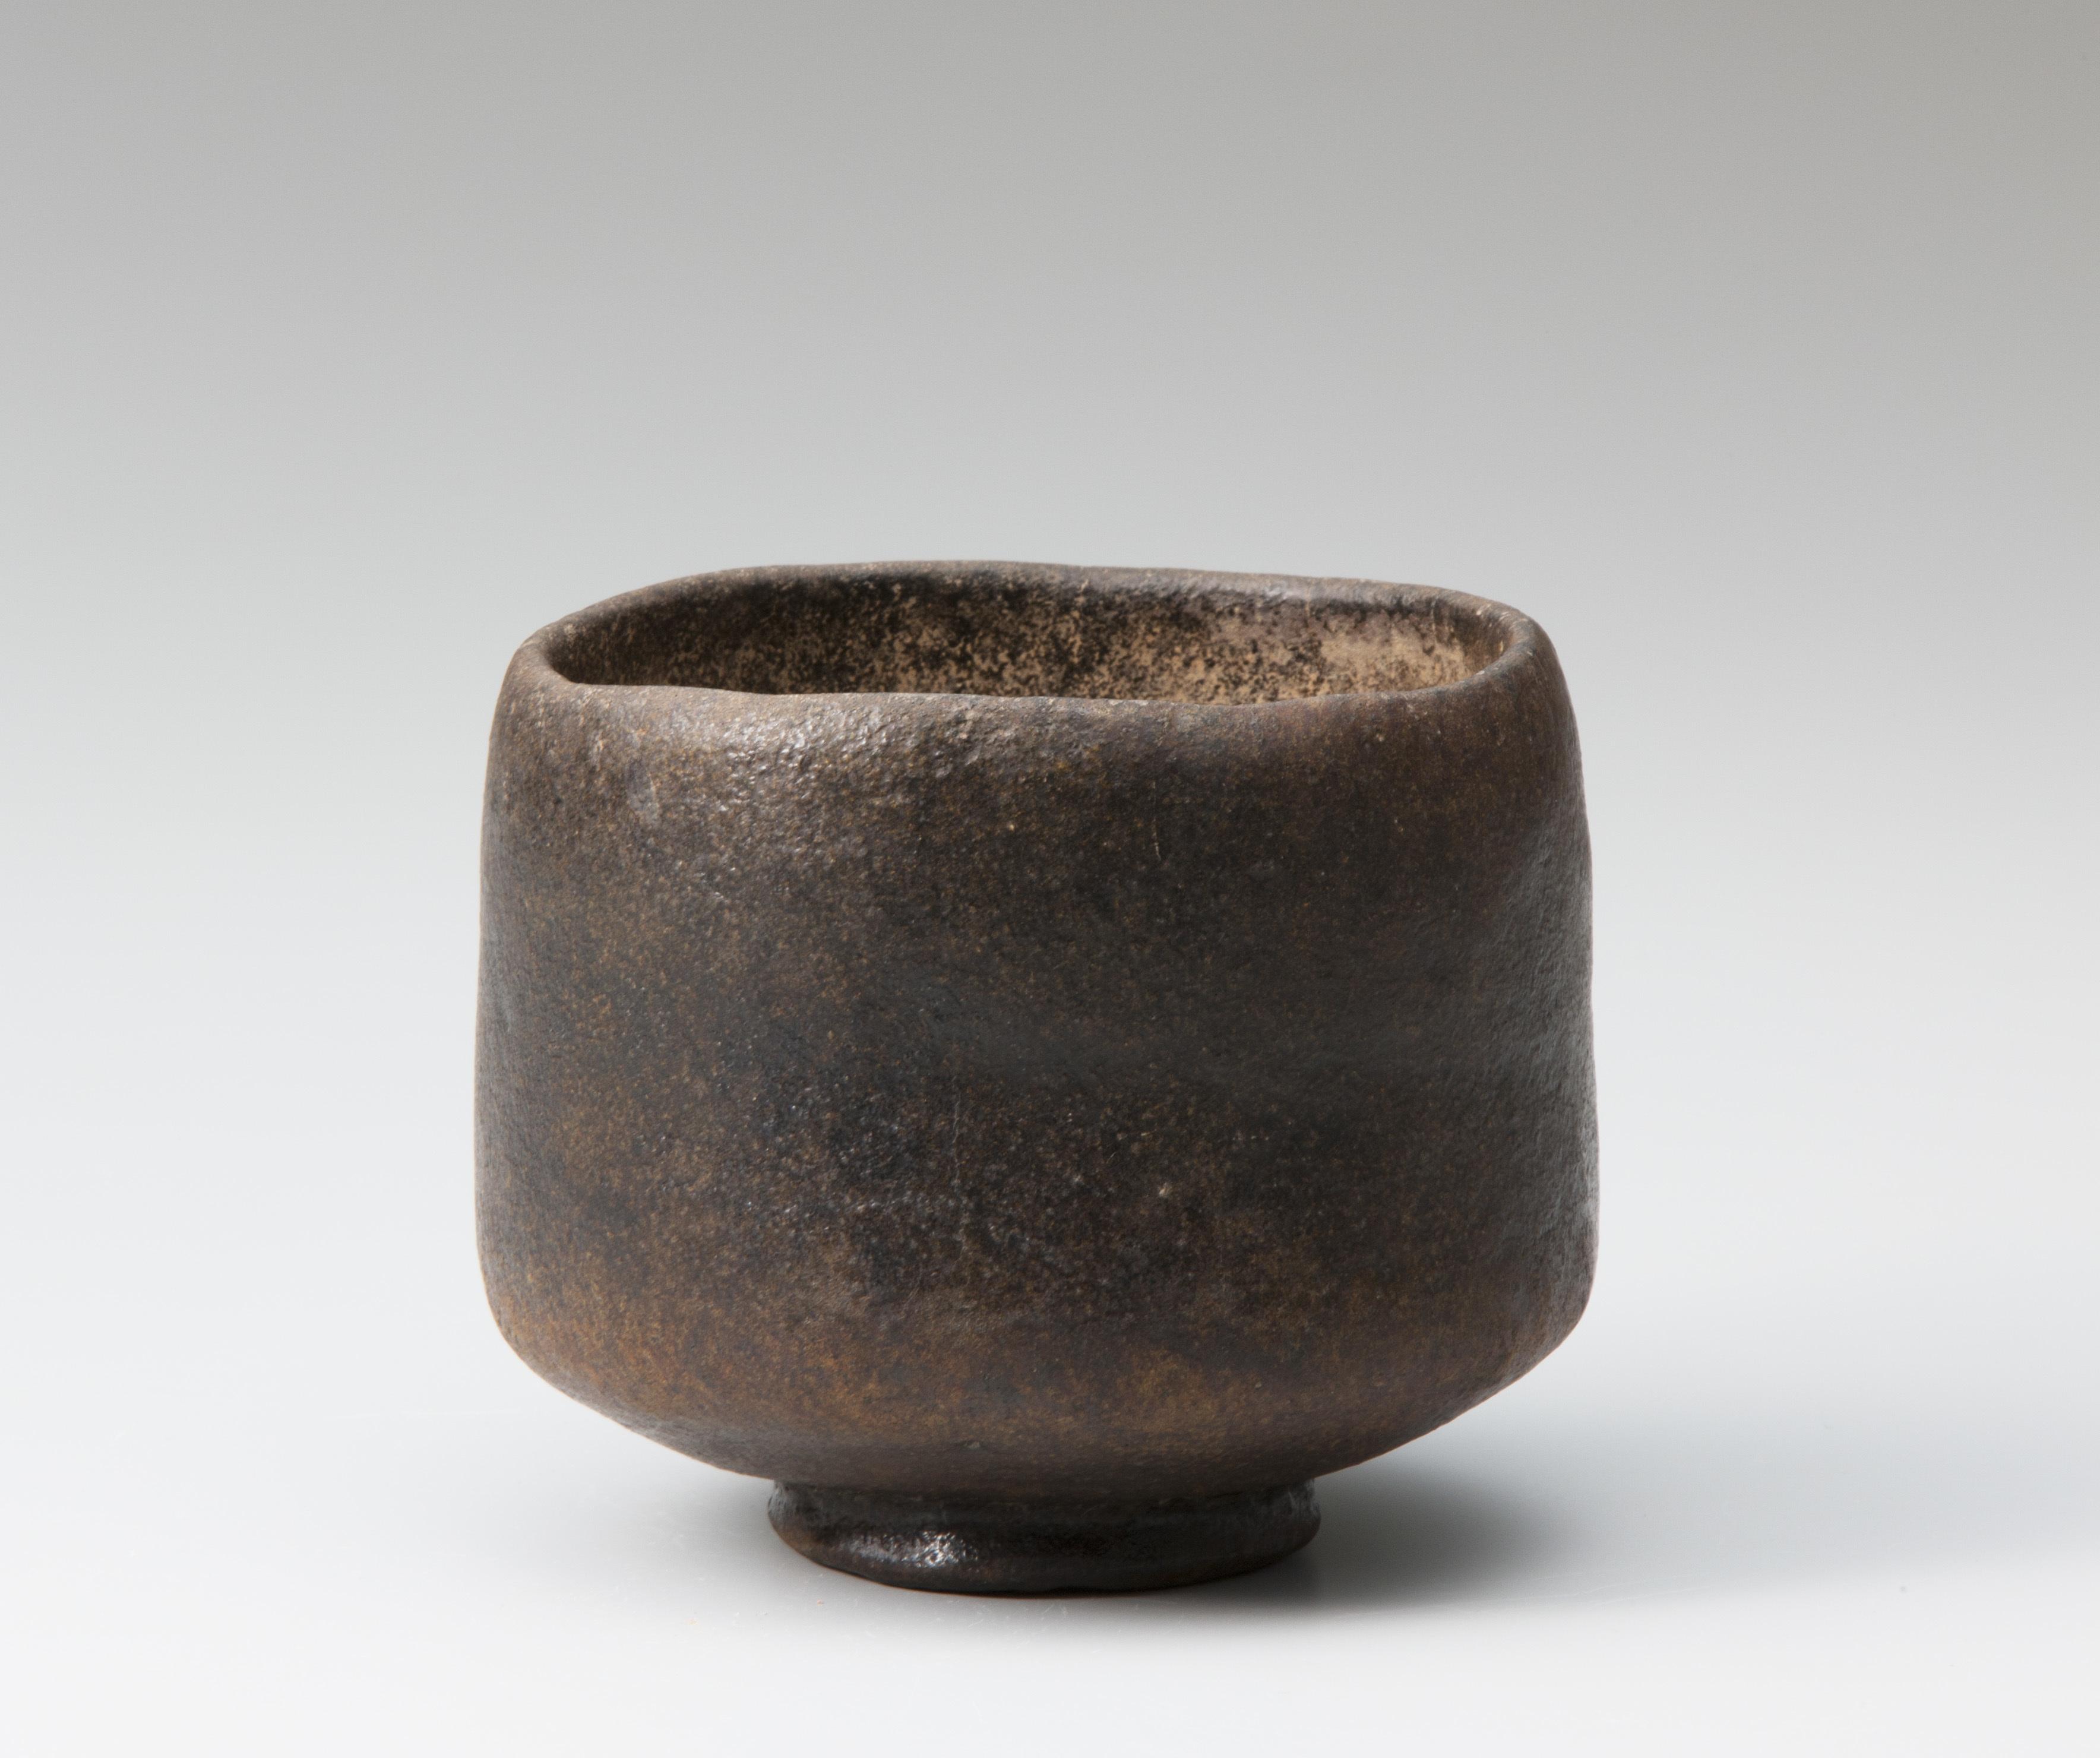 初代 長次郎 黒樂茶碗 銘 禿 桃山時代(十六世紀) 表千家不審菴蔵